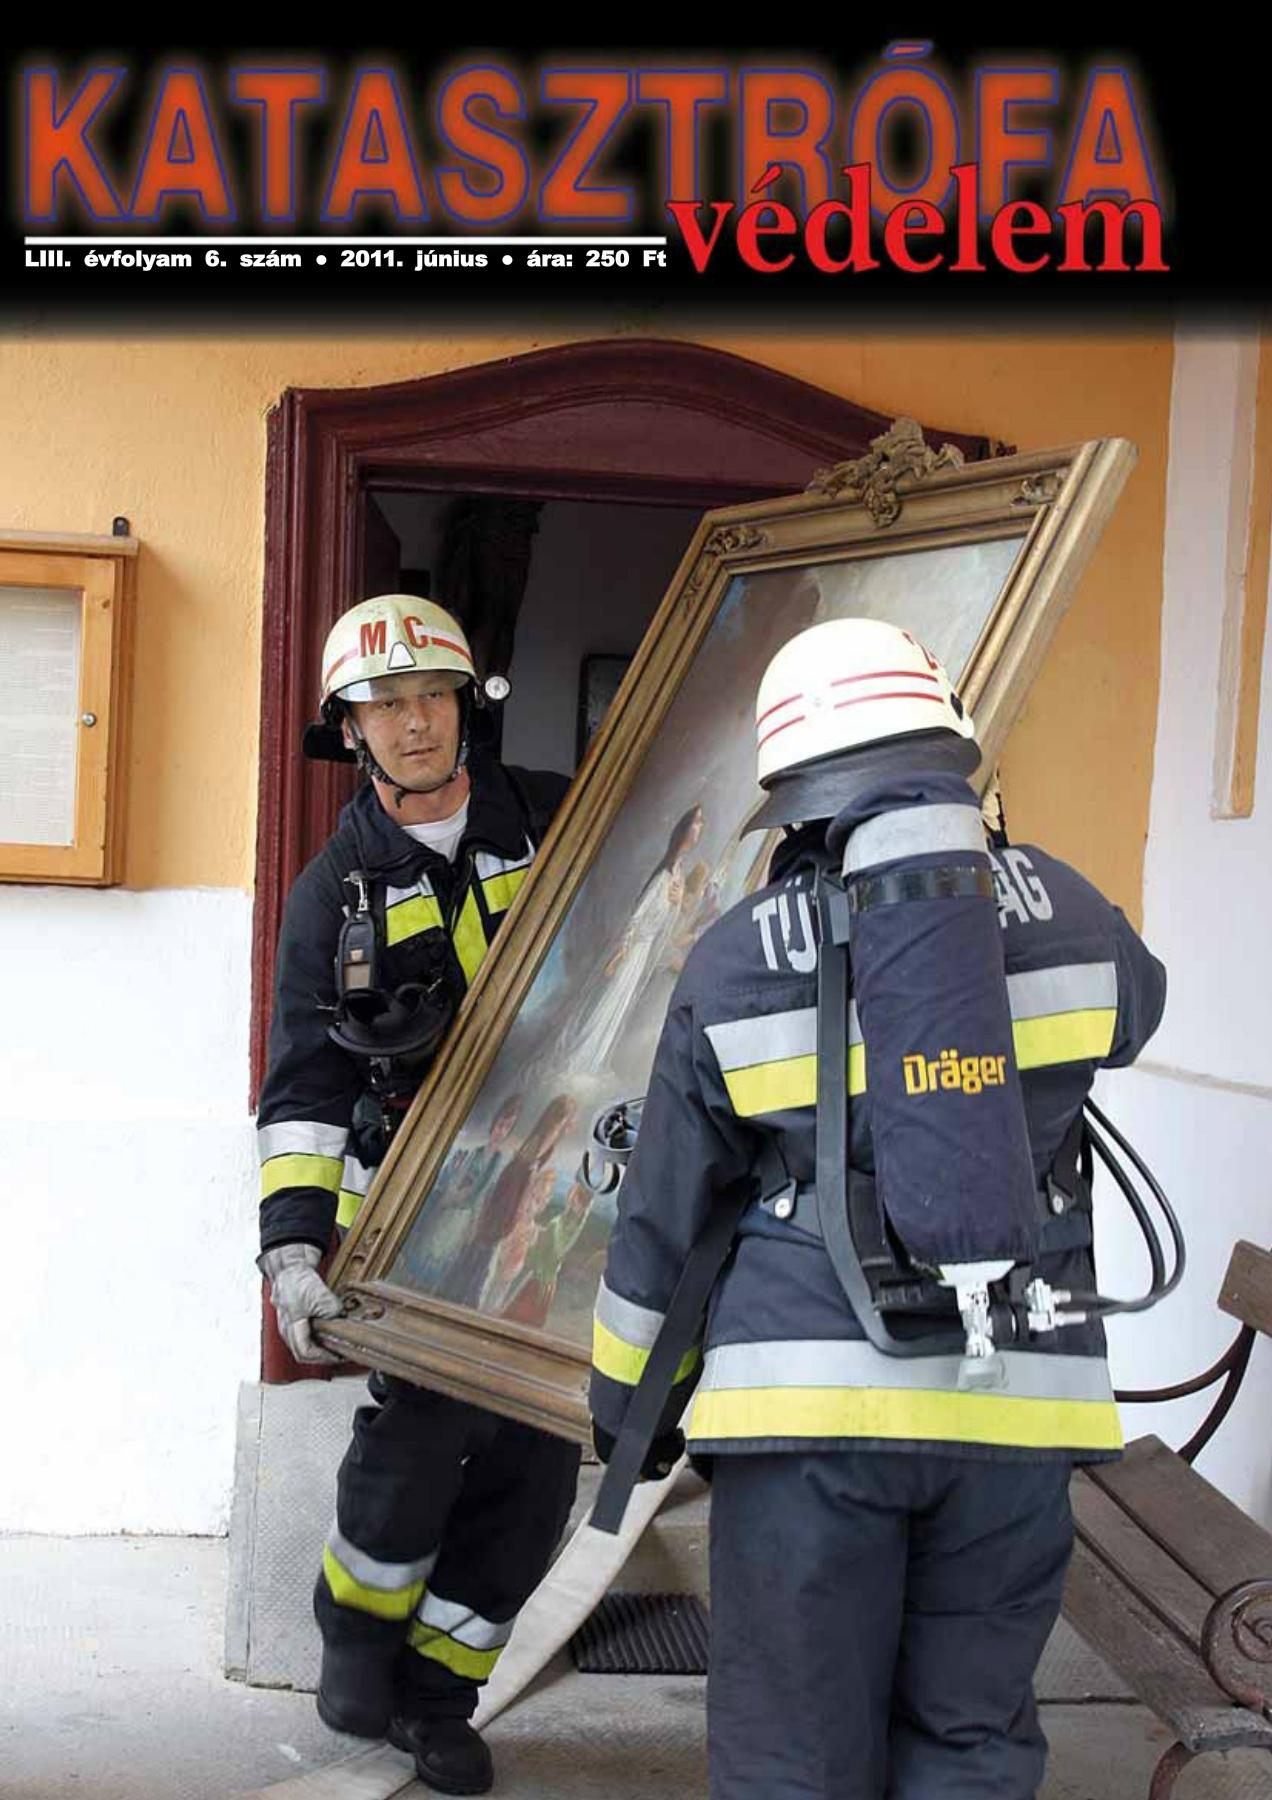 A Katasztrófavédelem magazin LIII. évfolyam 6. szám megtekintése